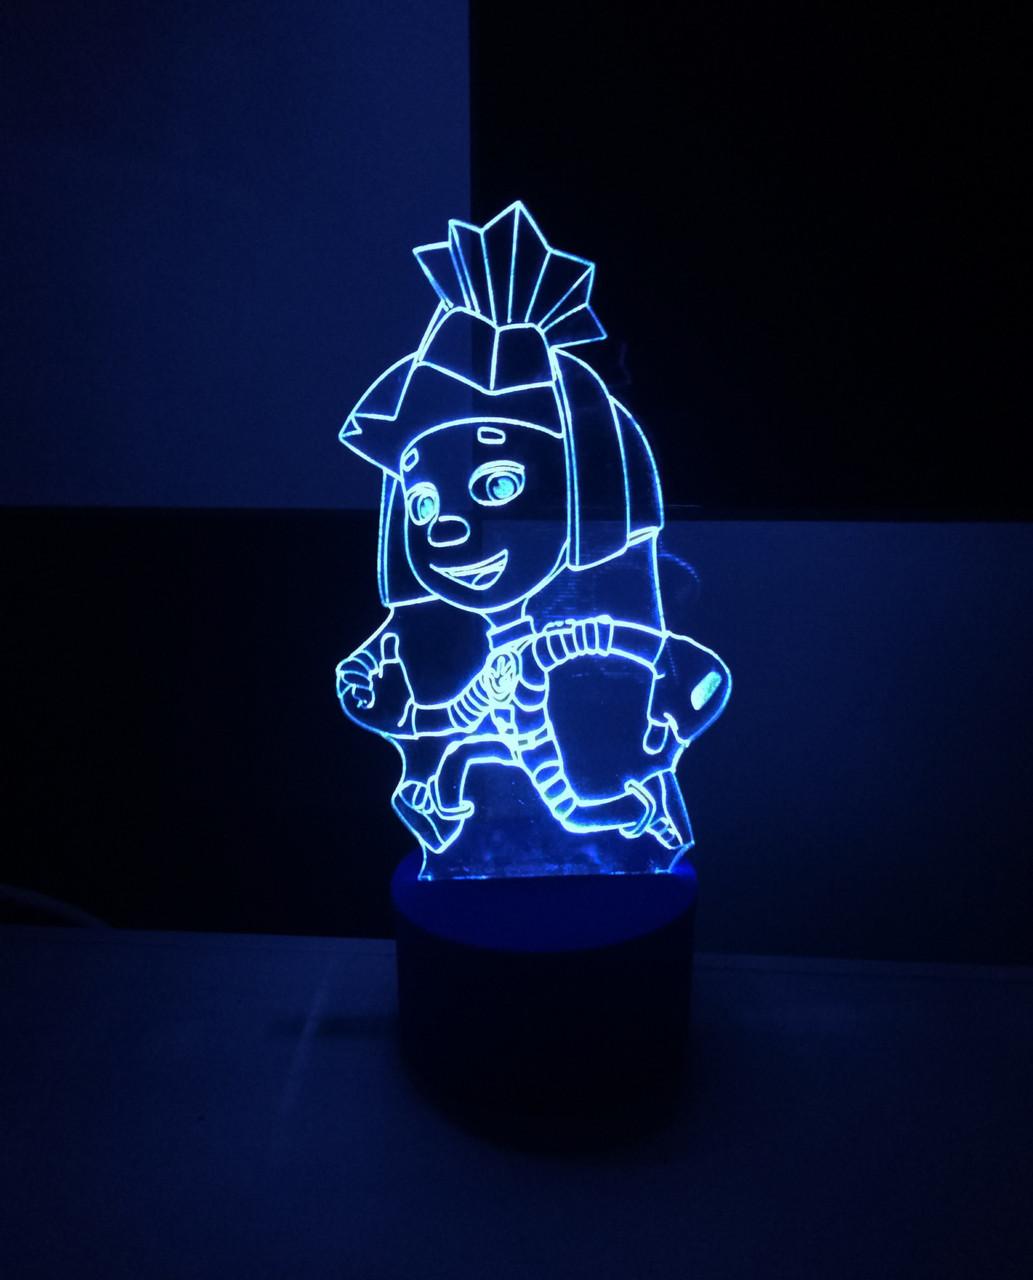 3d-светильник Симка (фиксики), 3д-ночник, несколько подсветок (батарейка+220В)